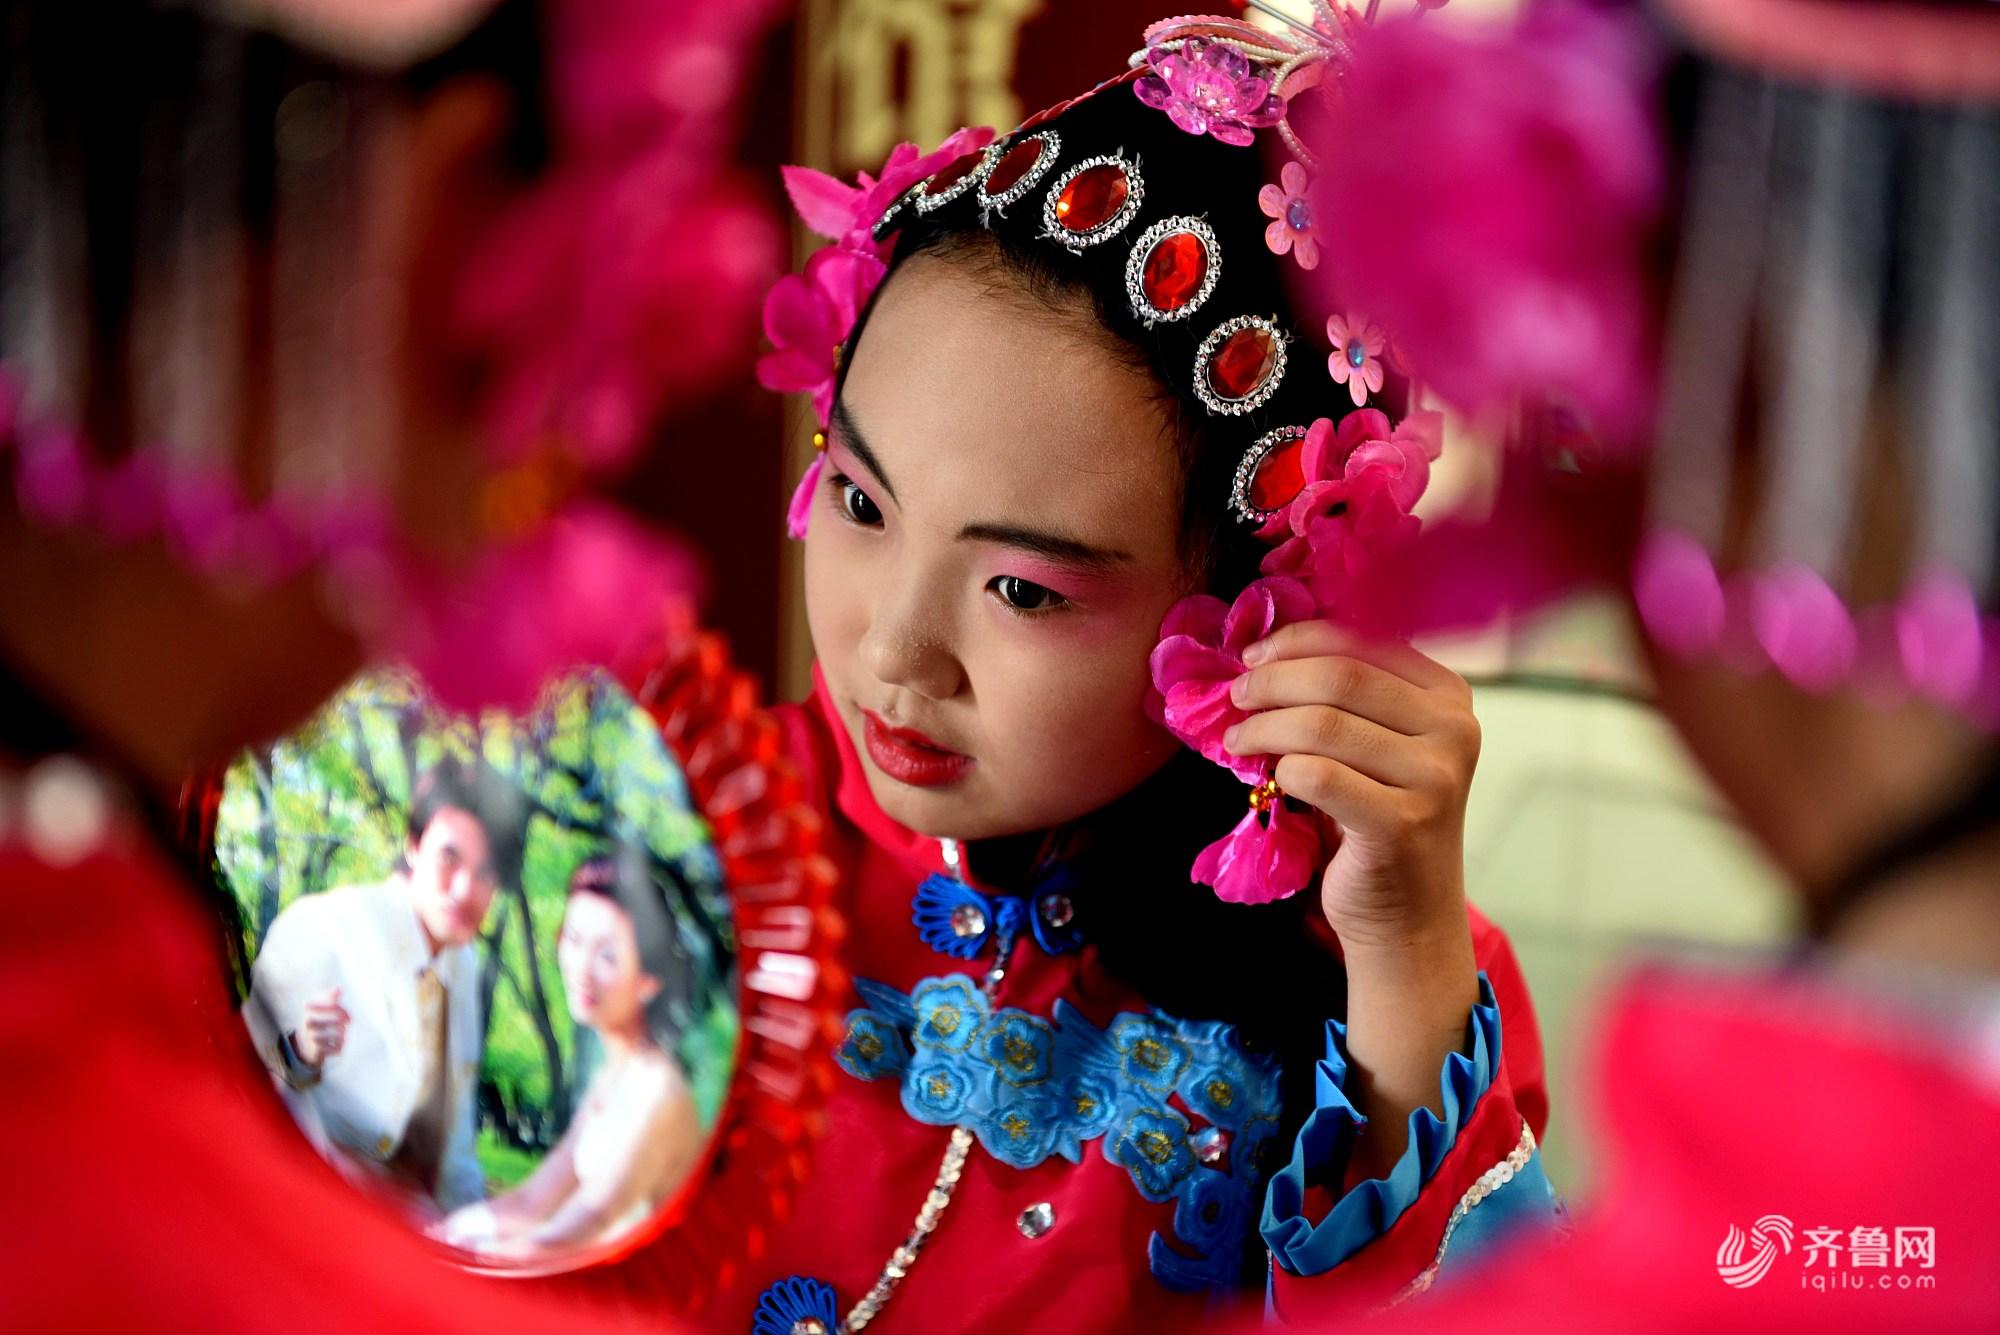 山东临沂:小朋友们学习演唱非遗柳琴戏